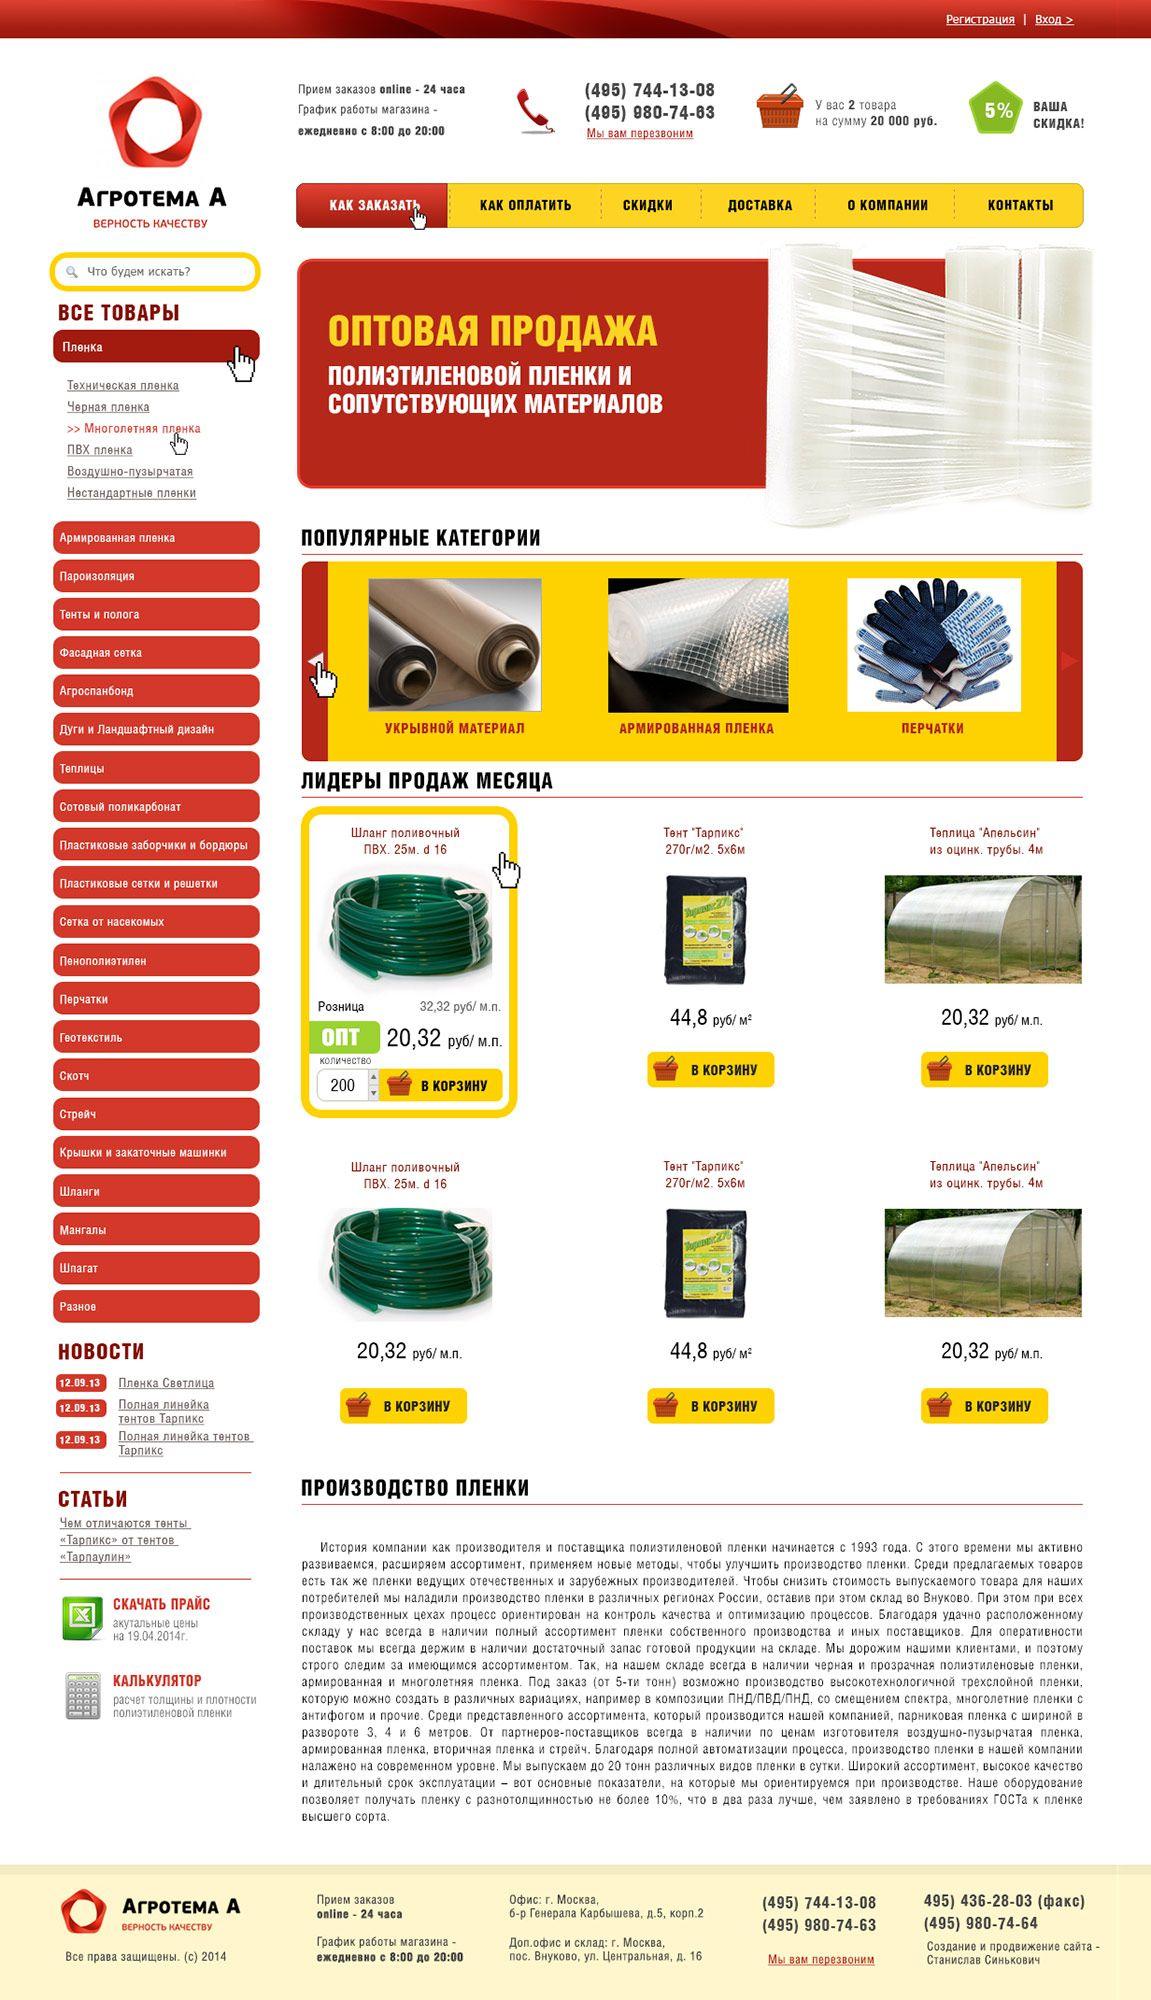 Новая главная страница agrotema.ru - дизайнер STAF